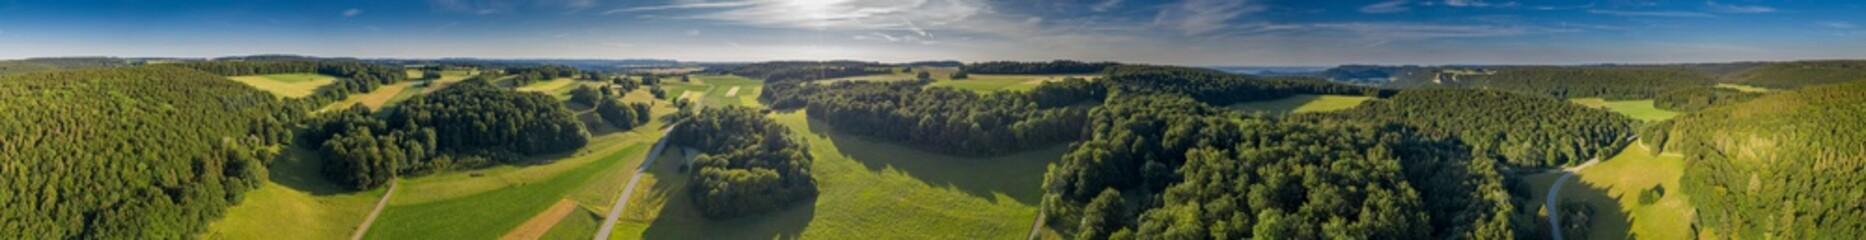 Felder, Wald und Wiesen - Landschaft - Luftbild